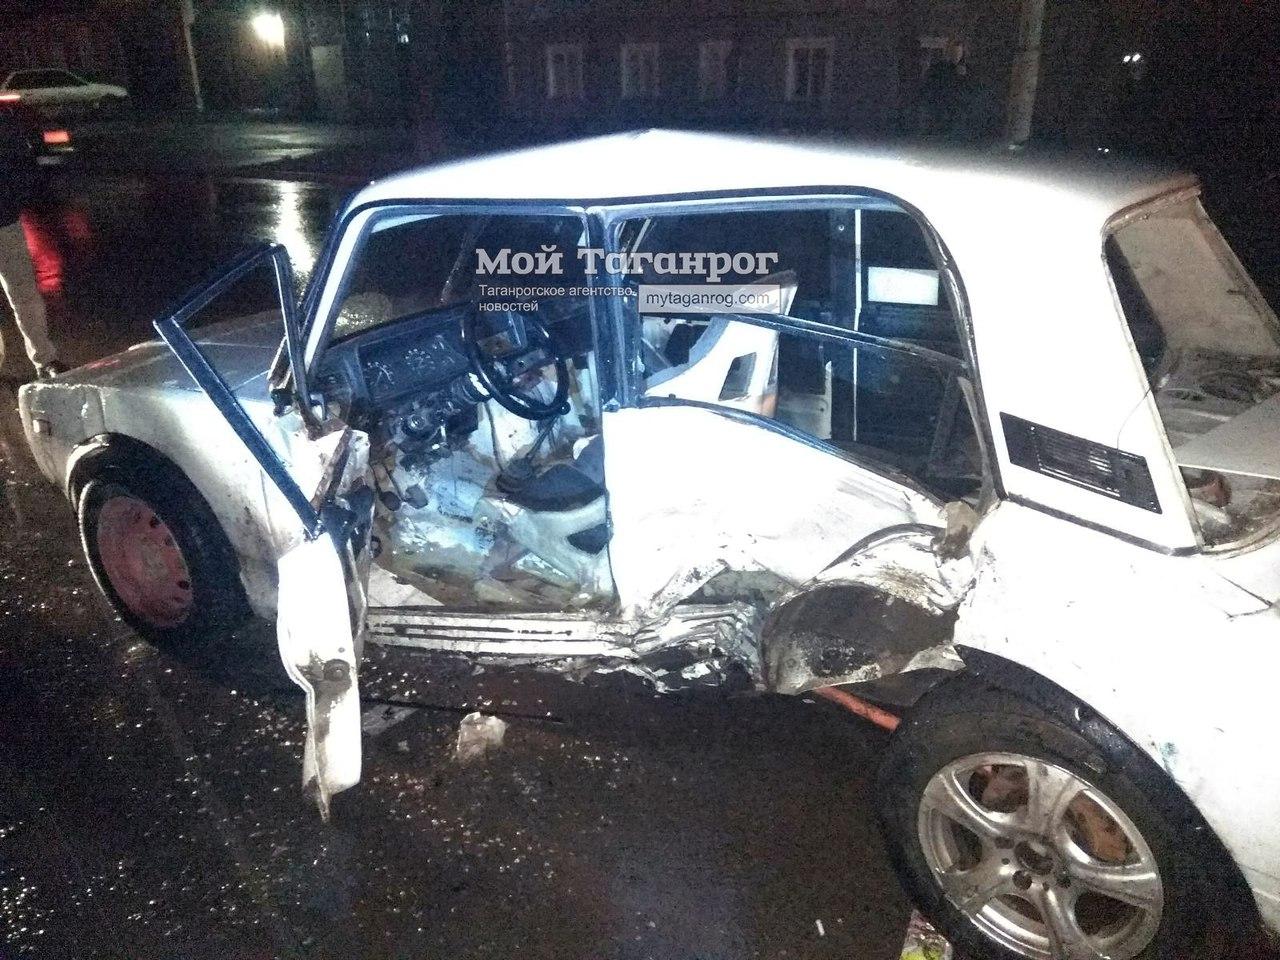 В Таганроге произошло серьезное ДТП с участием трех автомобилей